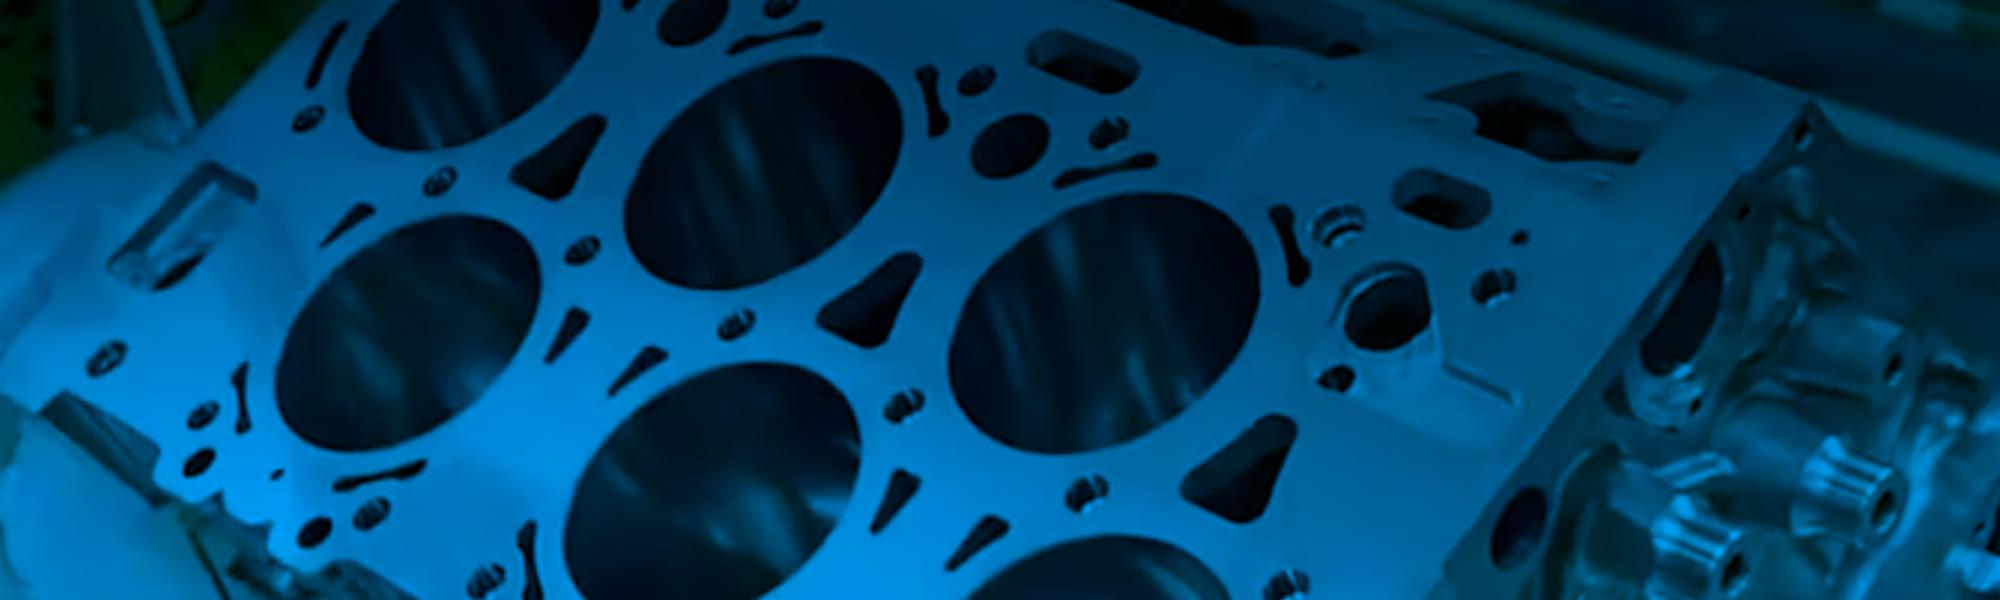 Aluminium-engine-block-surface-finishing